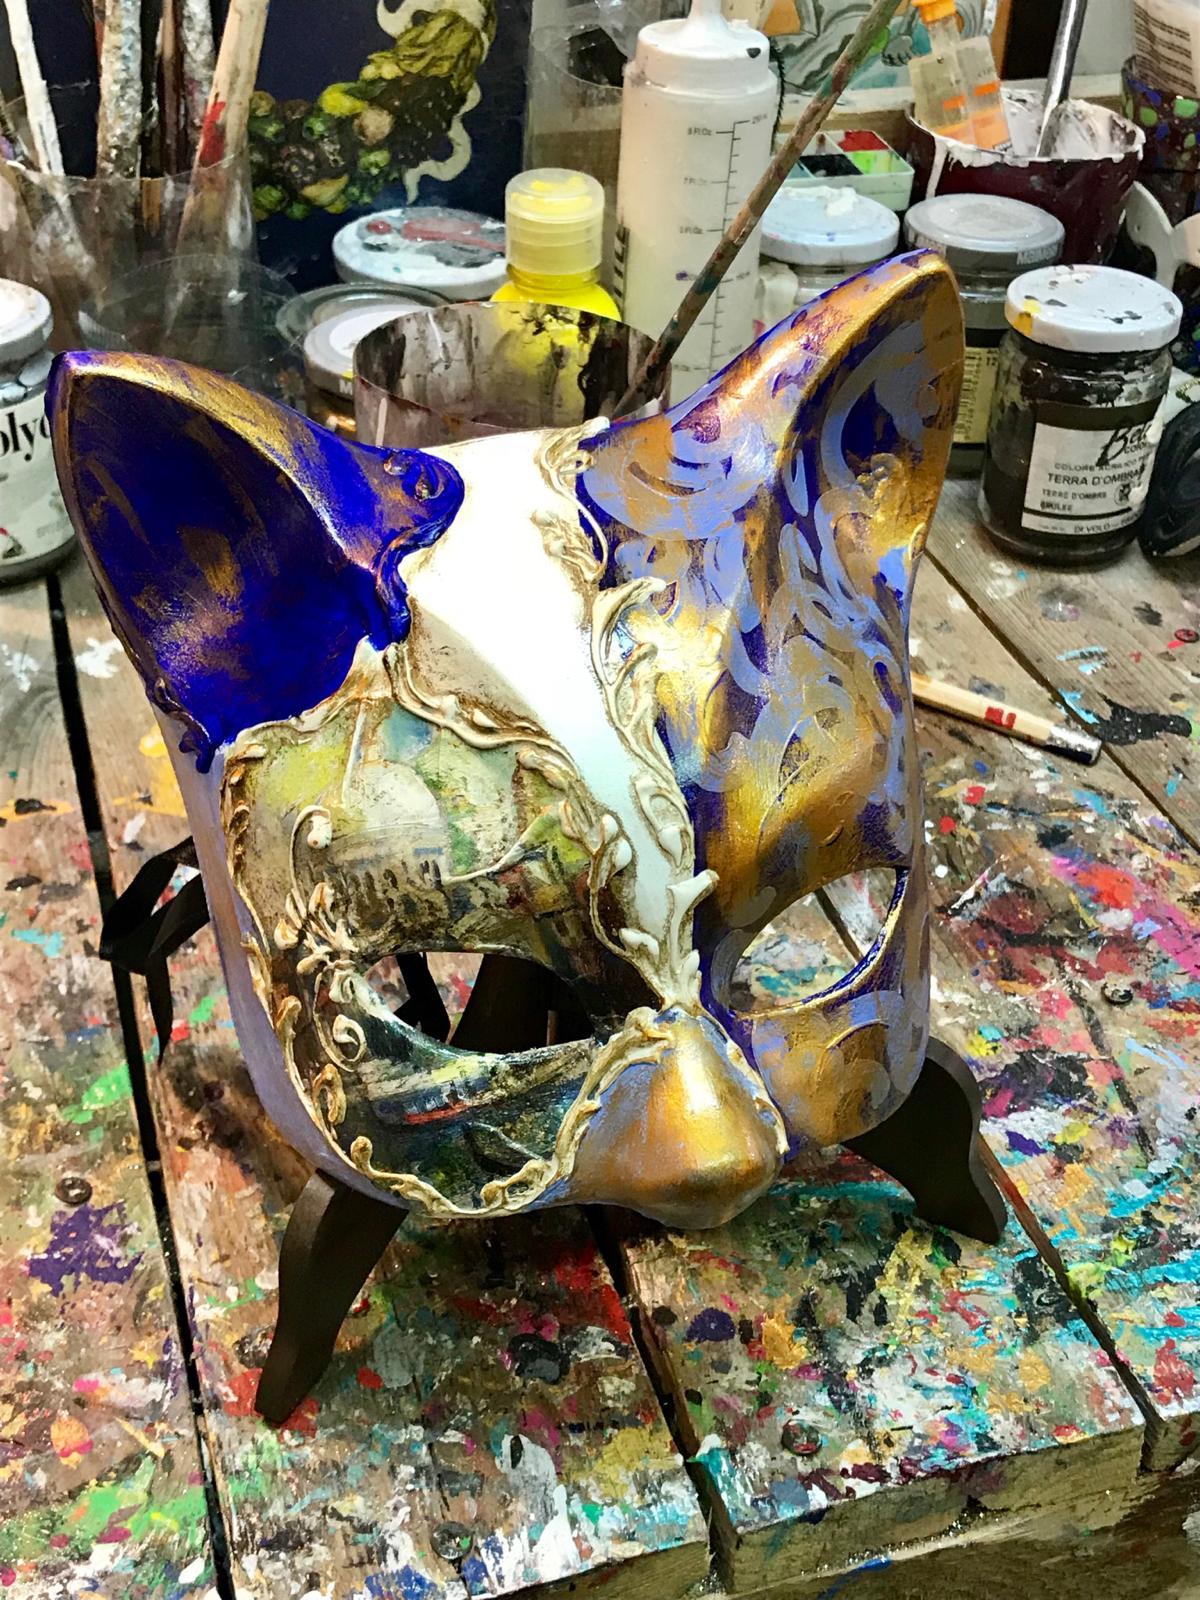 maschera artigianale veneziana